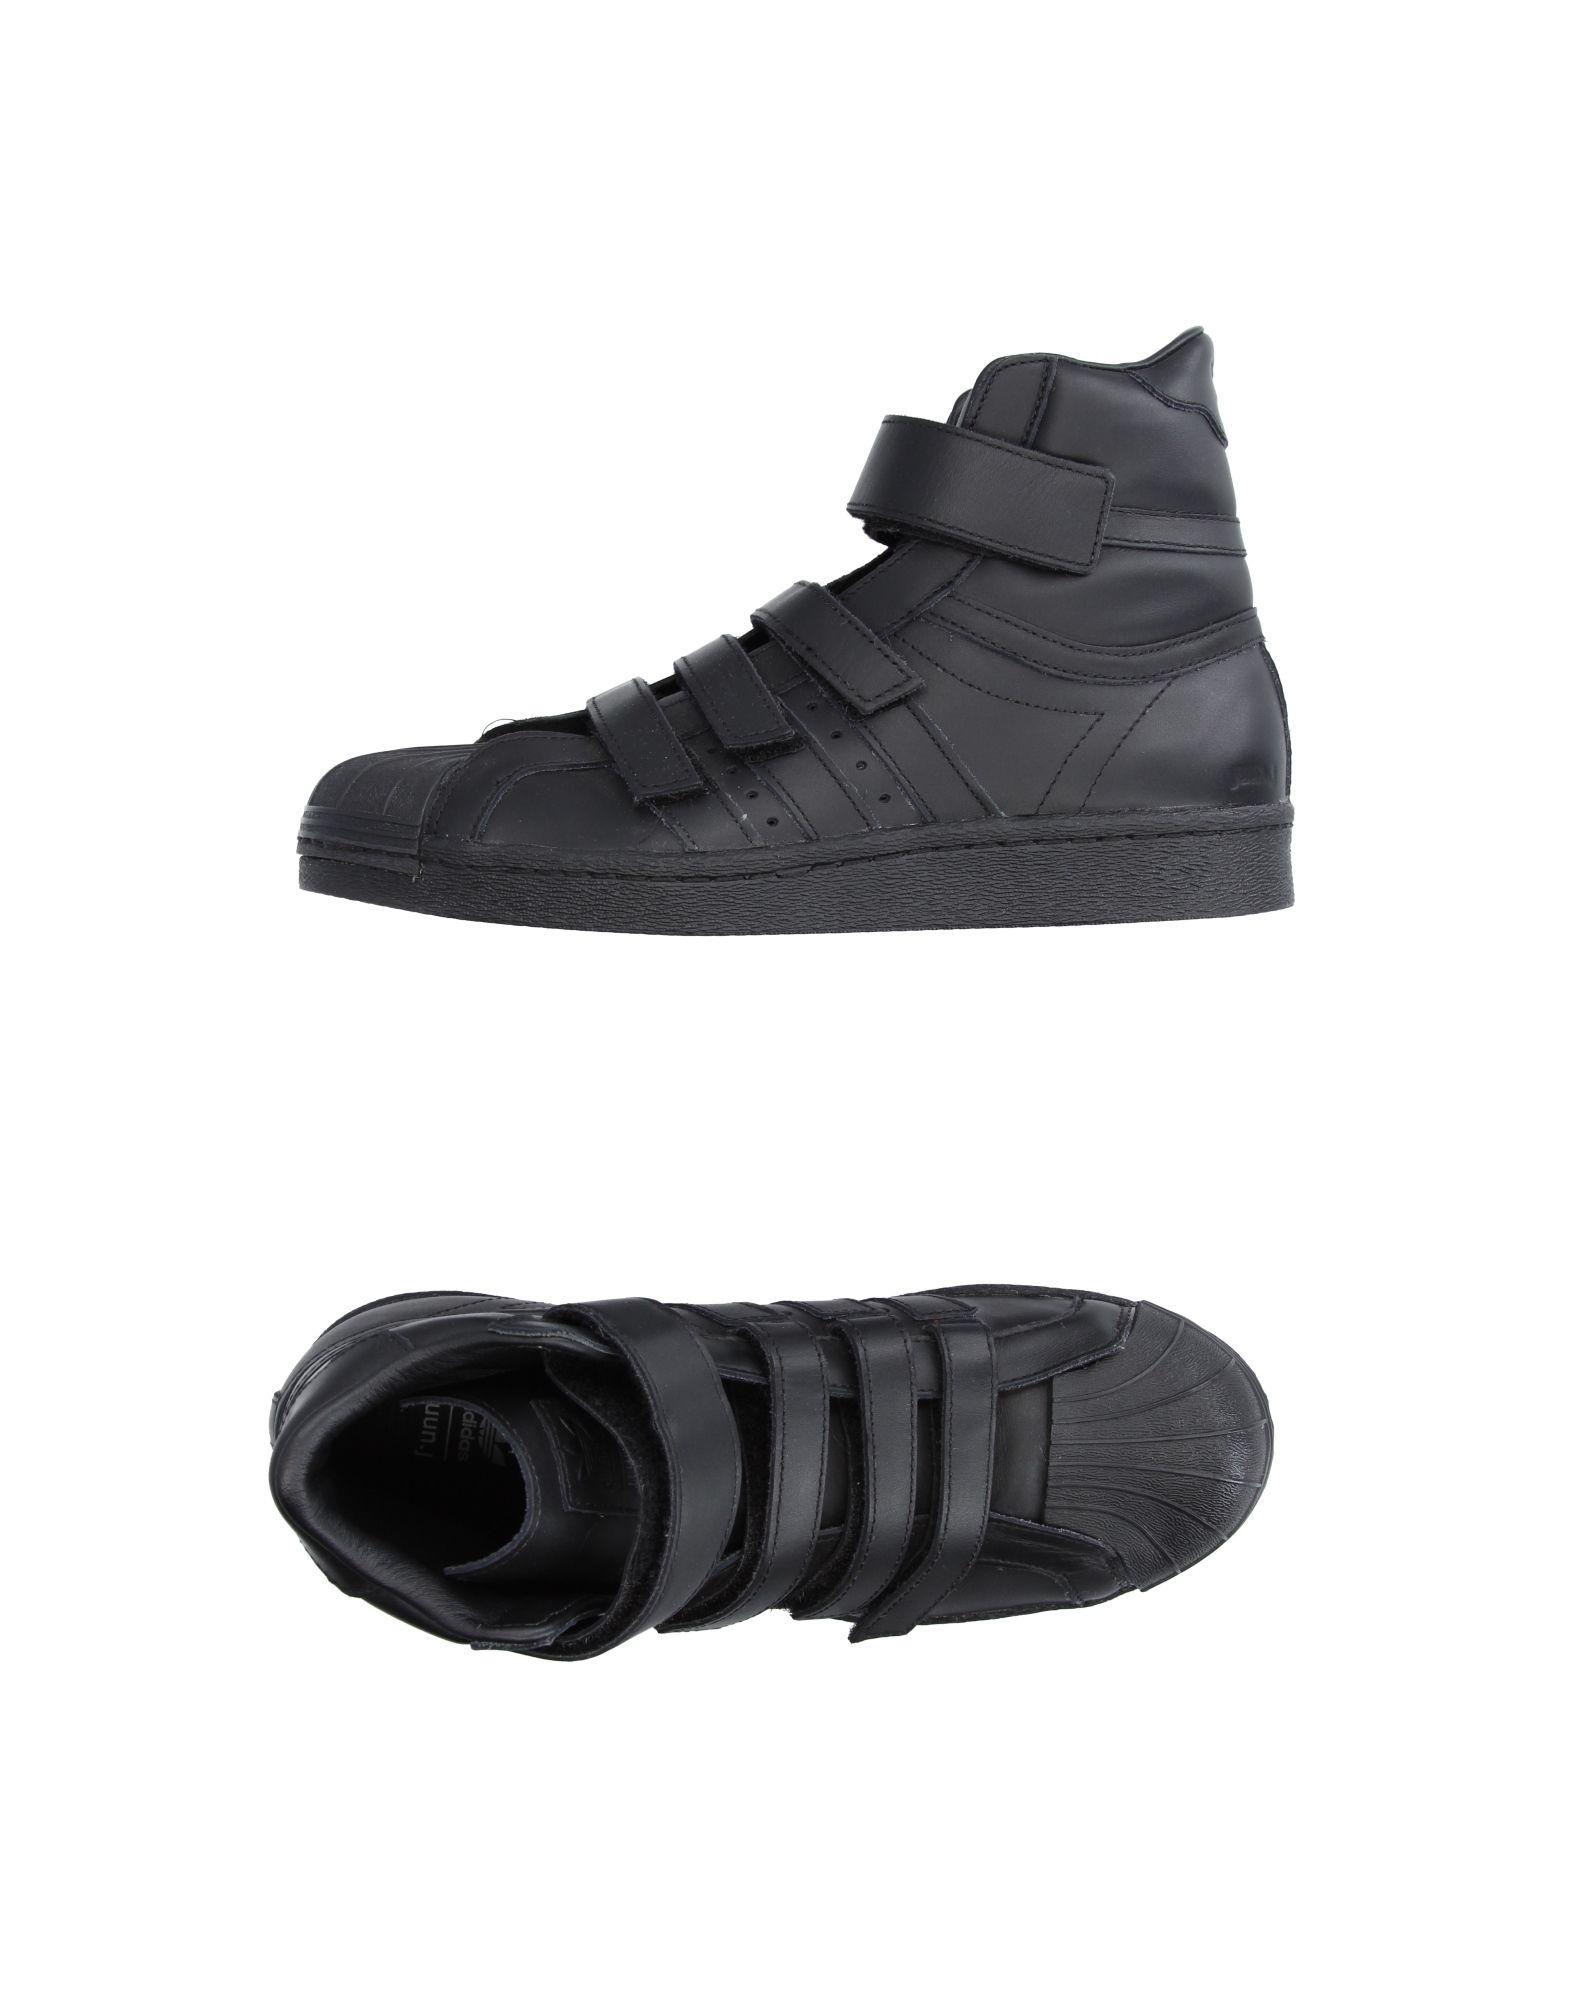 ADIDAS x JUUN.J Высокие кеды и кроссовки